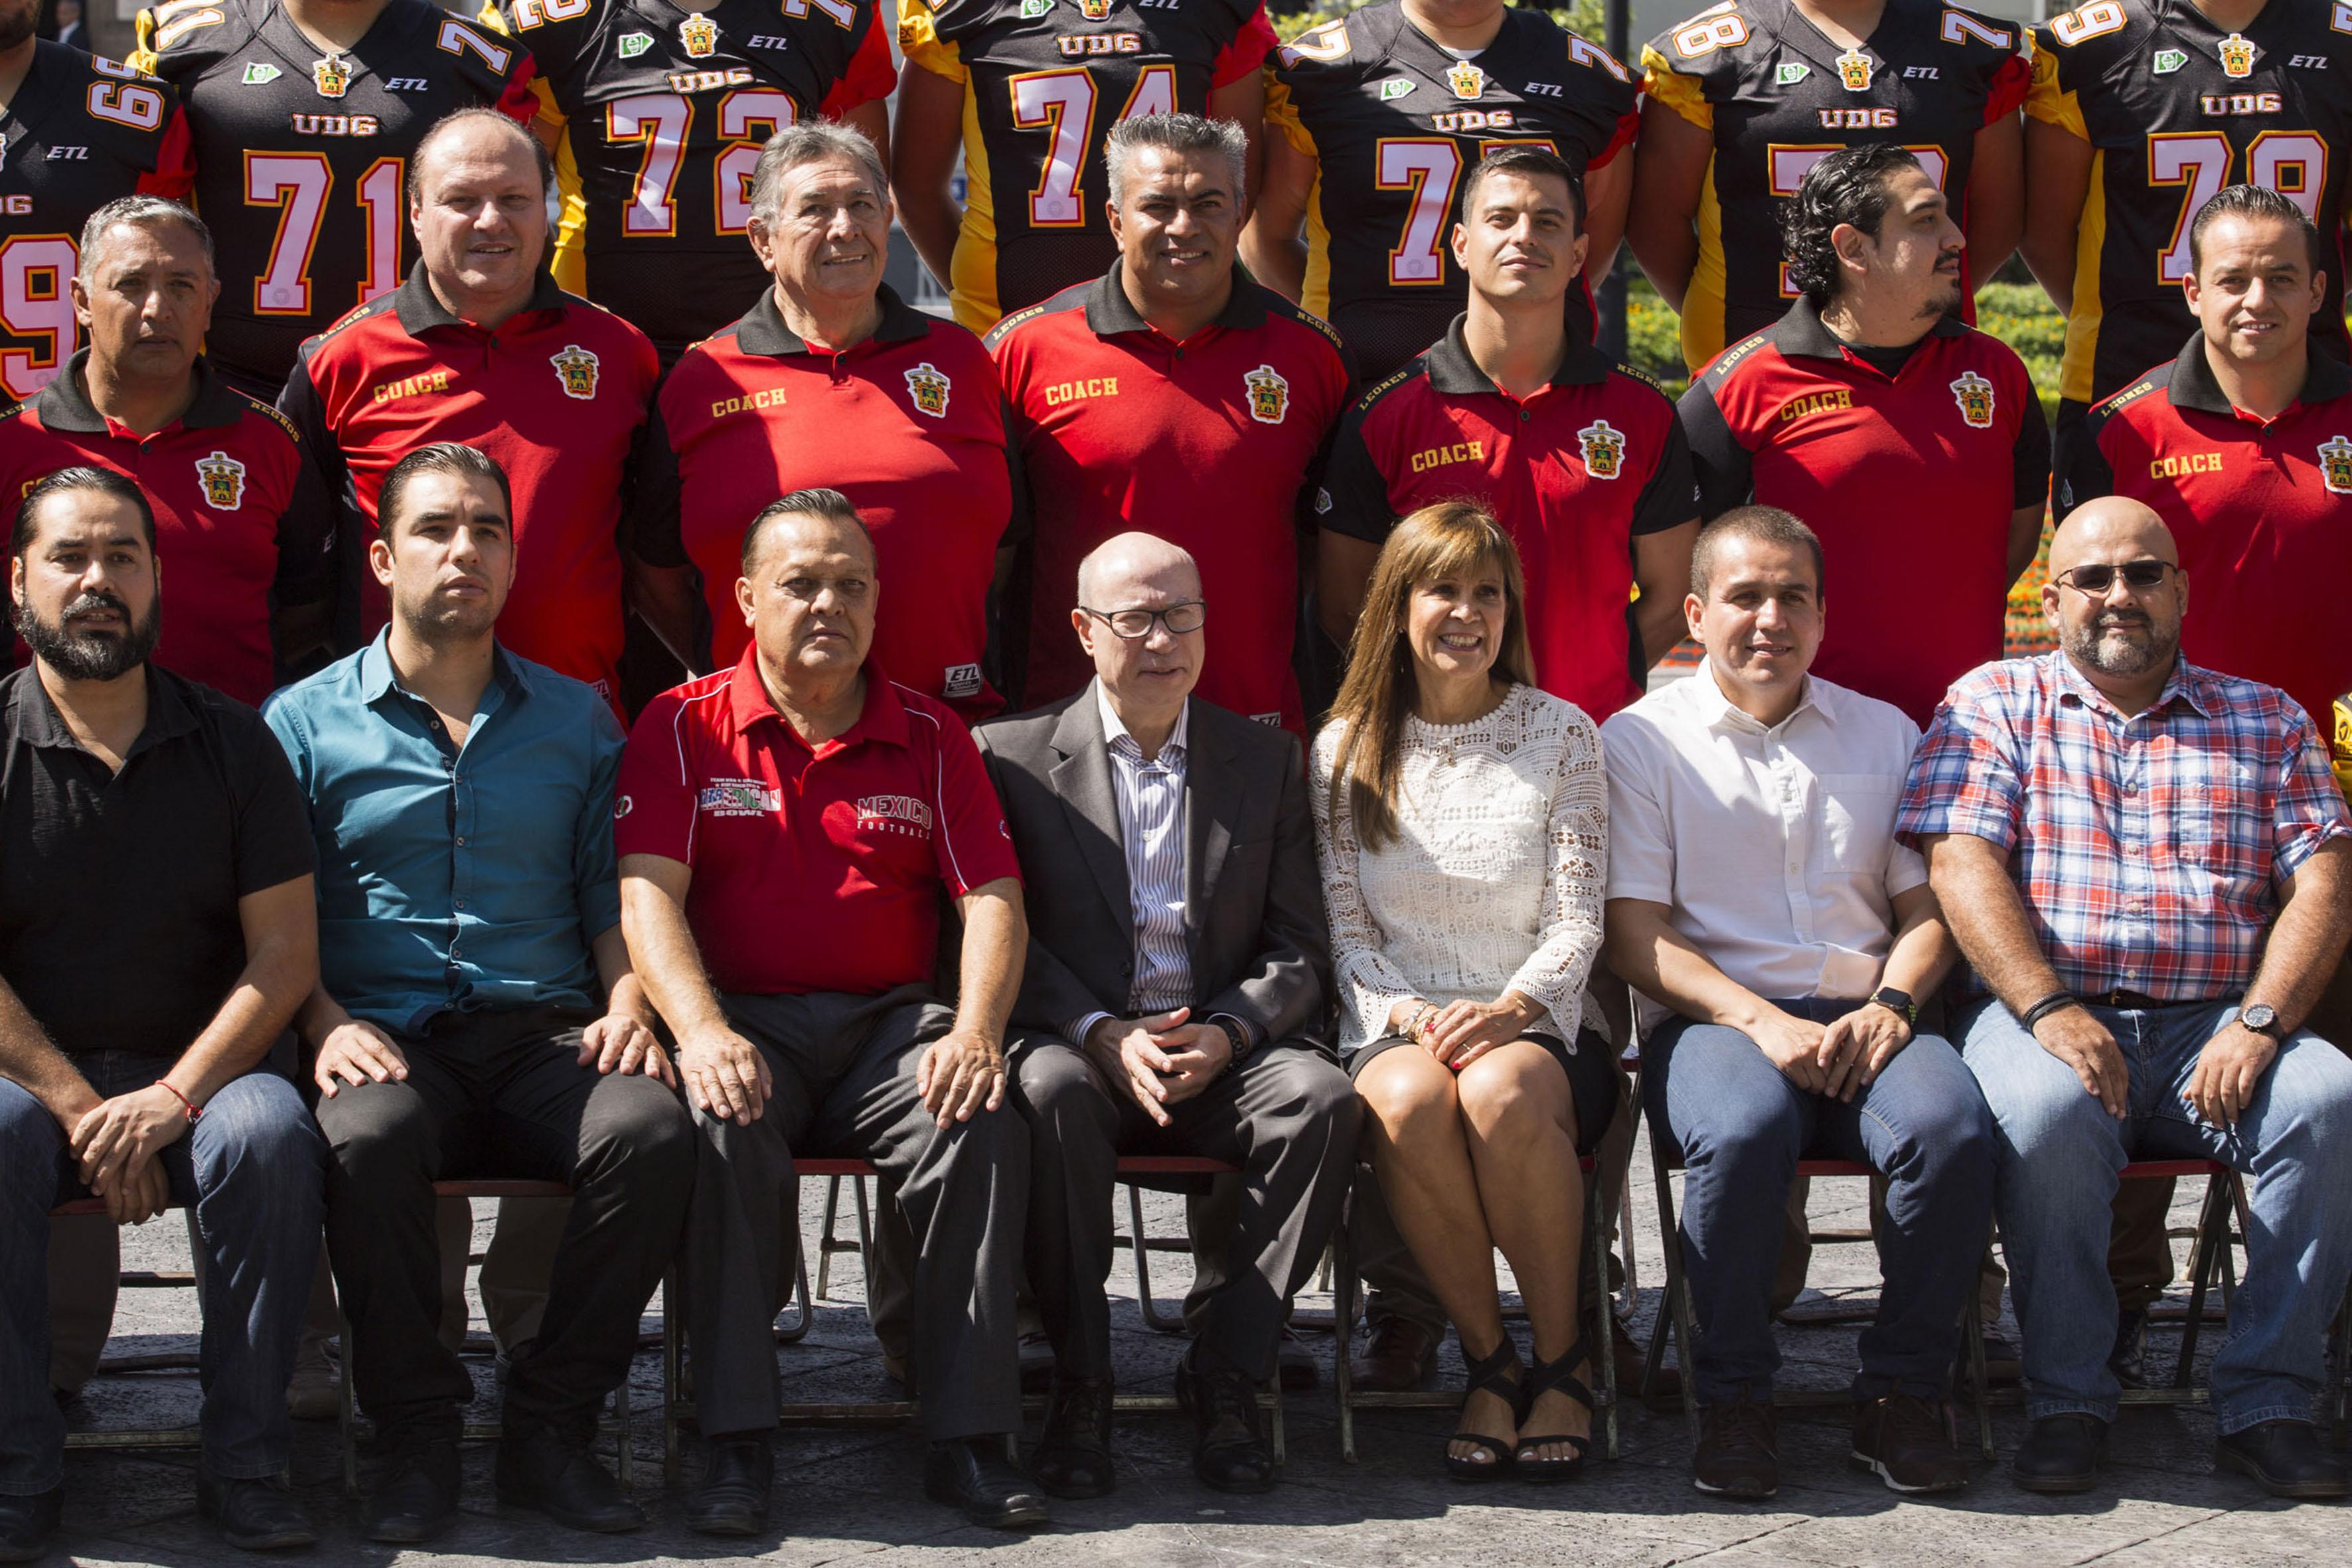 Autoridades universitarias tomándose la fotografía oficial del equipo de los Leones Negros de la Universidad de Guadalajara